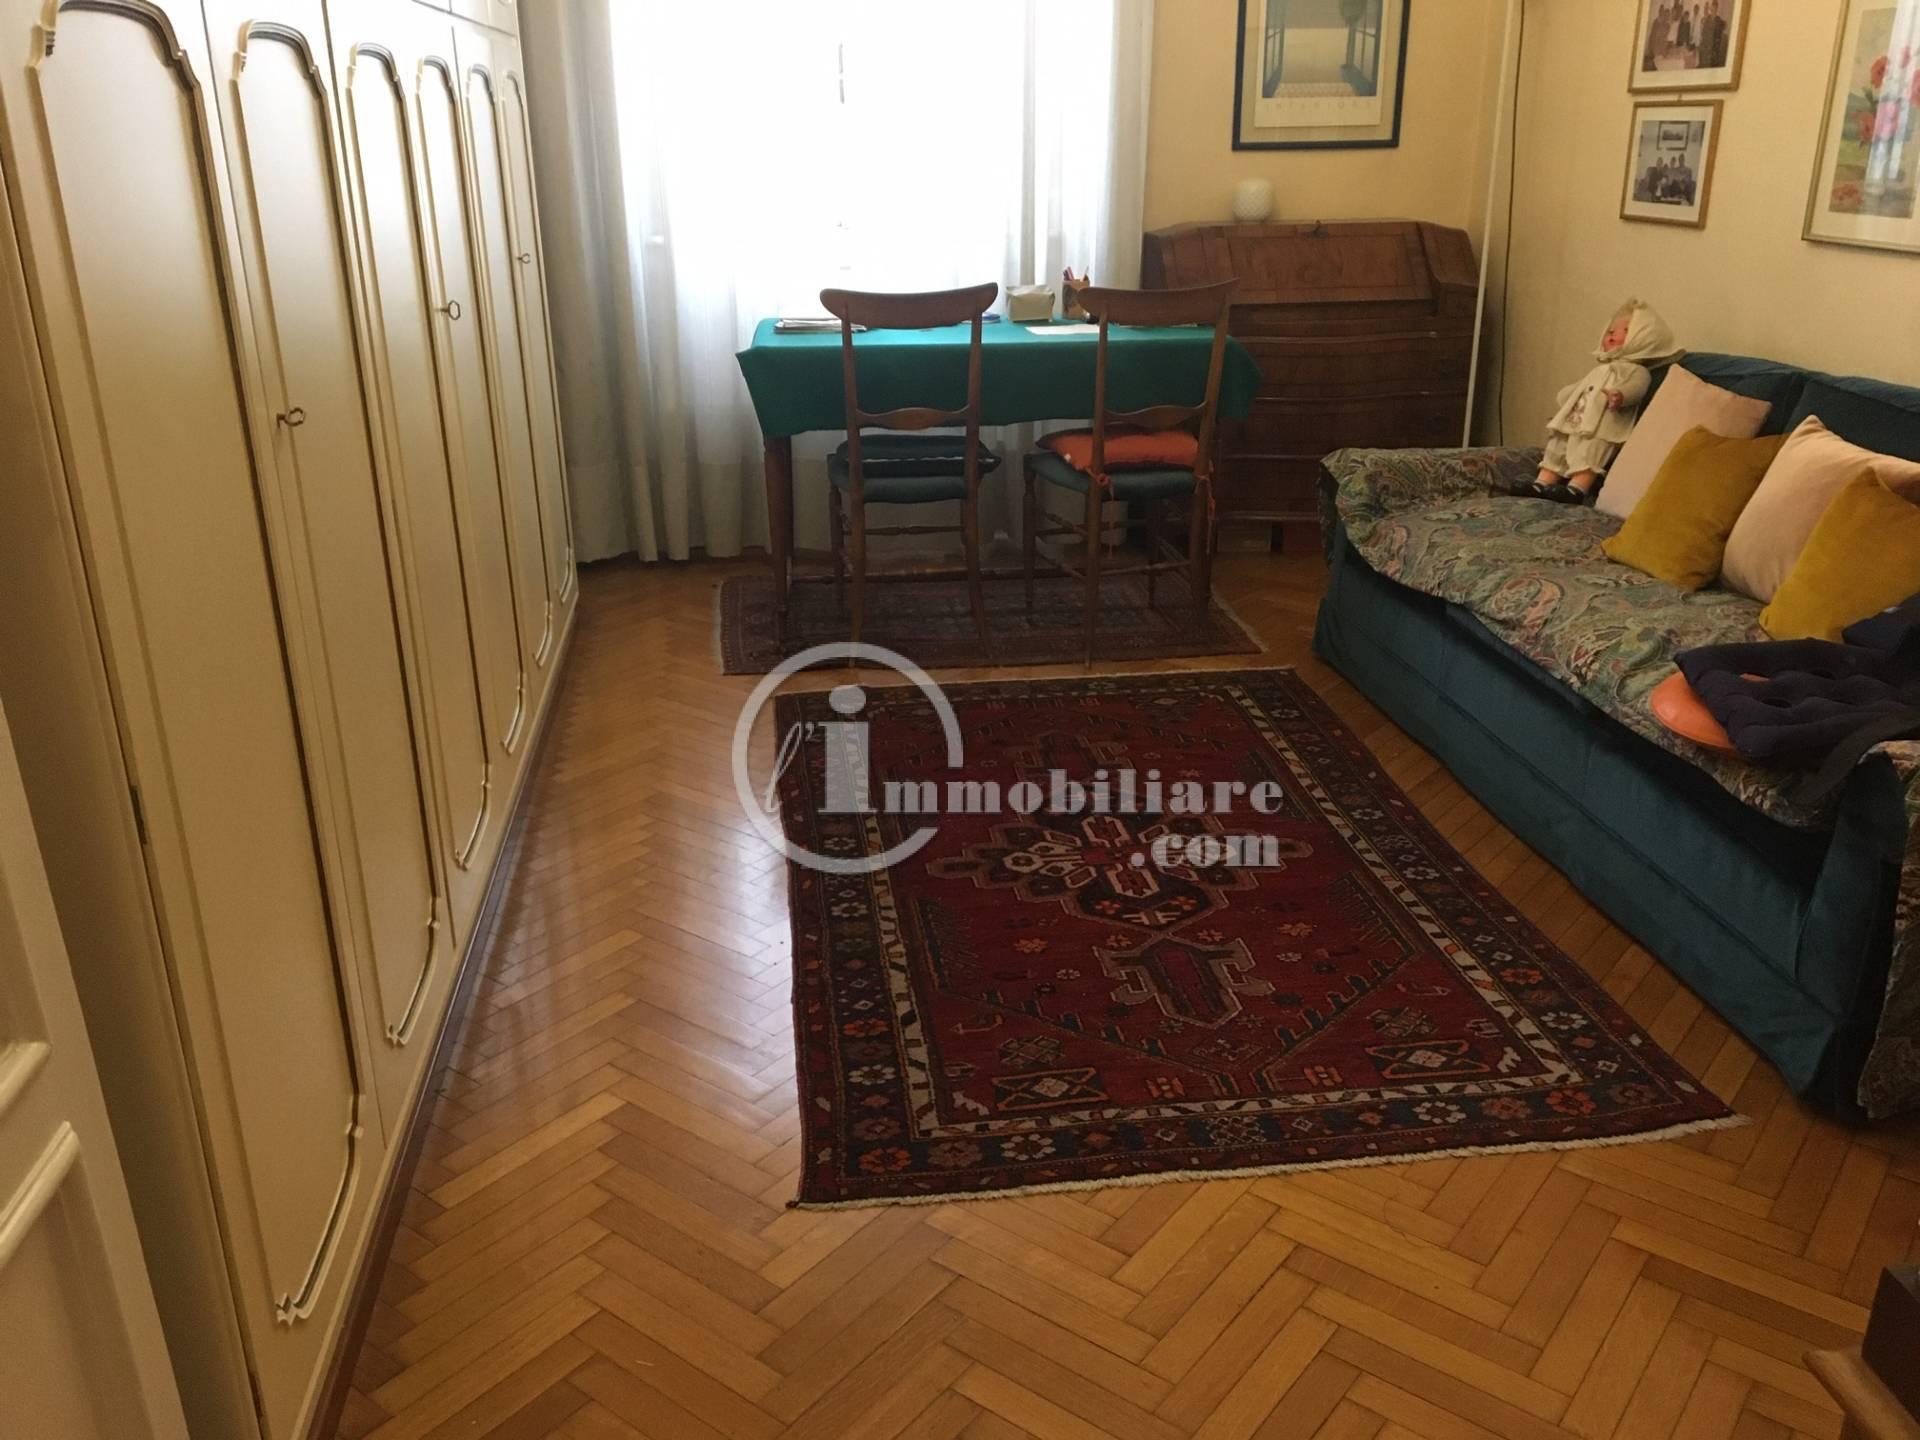 Appartamento in Vendita a Milano: 3 locali, 123 mq - Foto 13